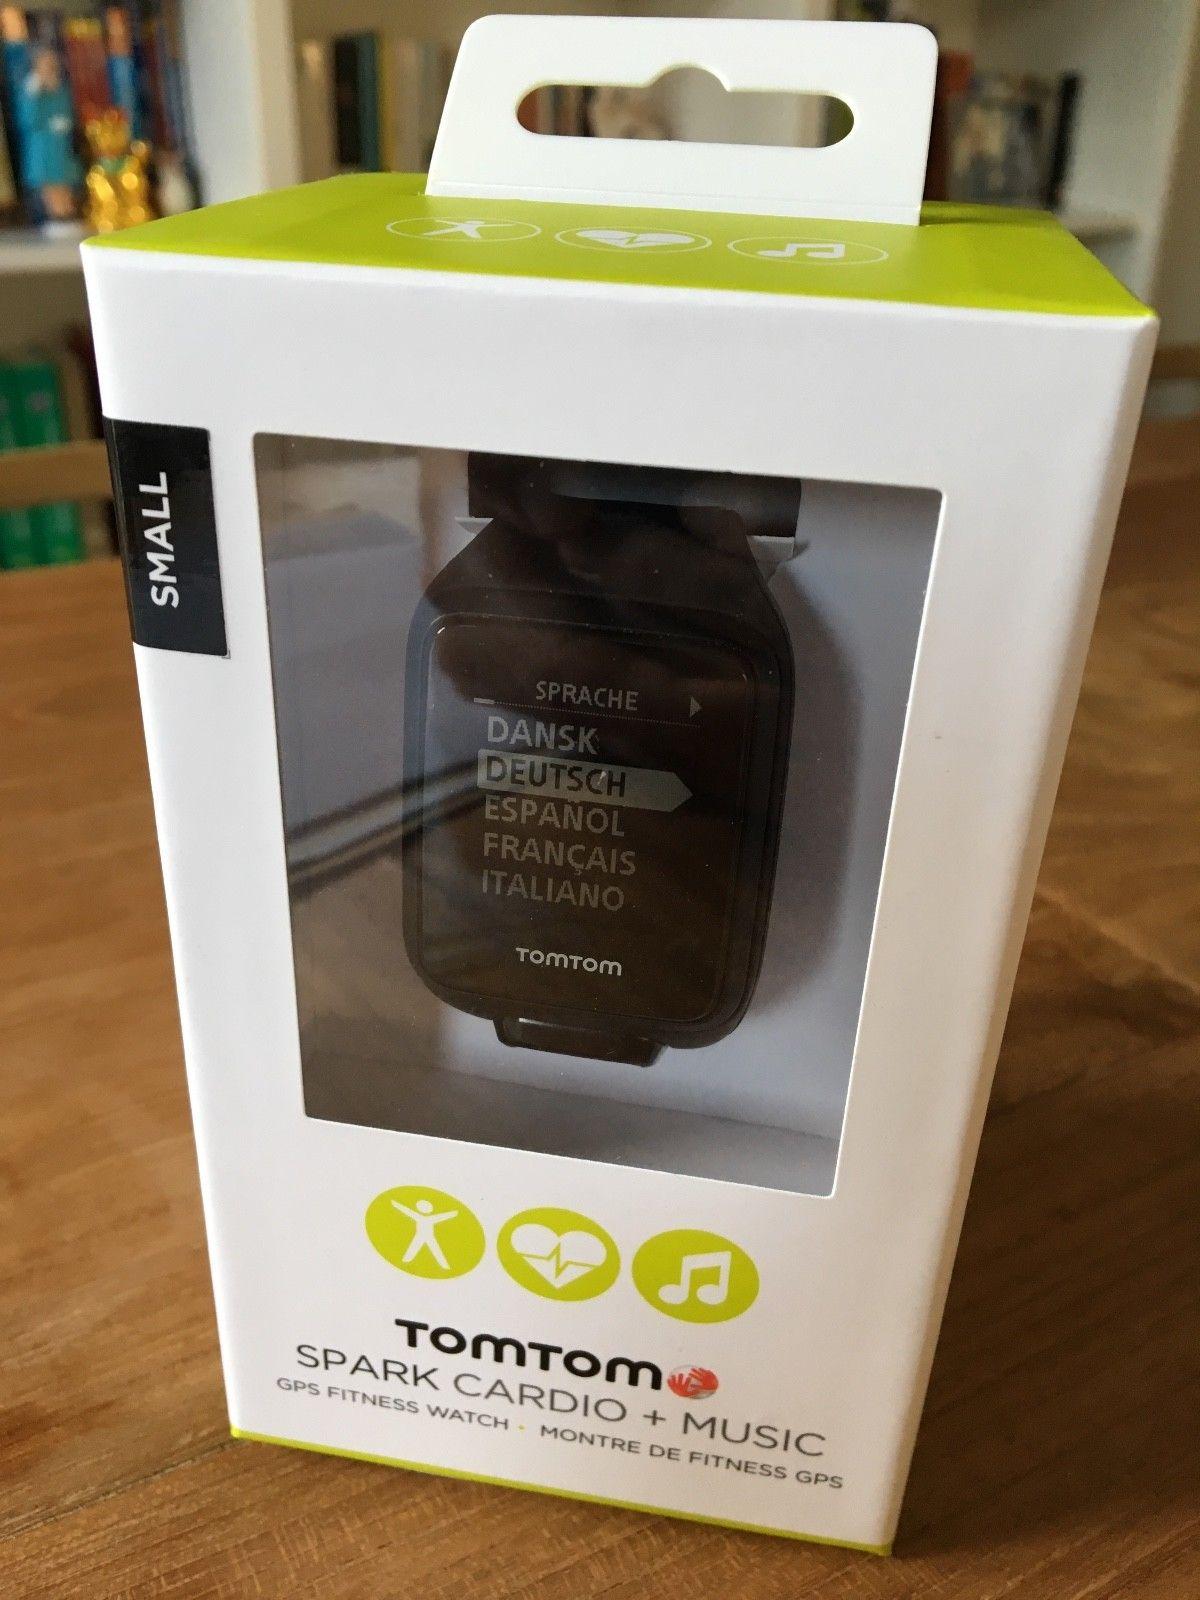 TomTom Spark Cardio + Music GPS-Fitnessuhr Schwarz (Größe S) in OVP - TOP